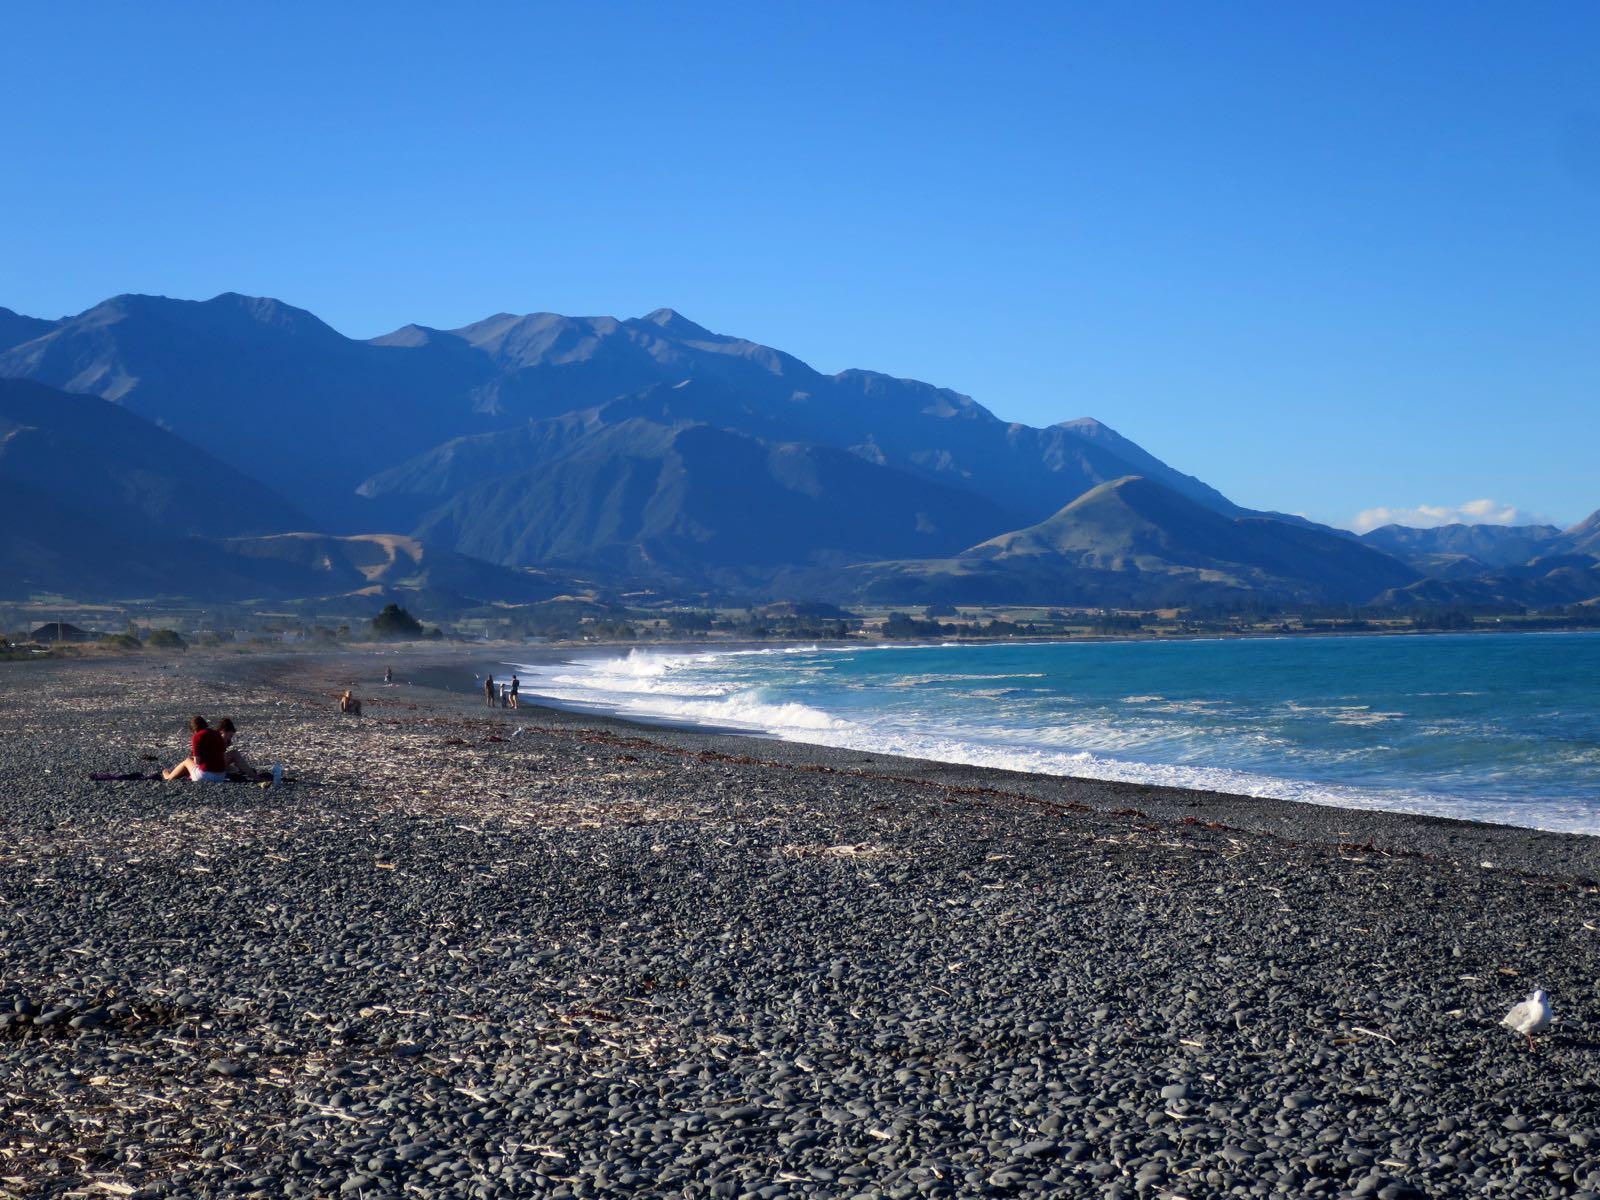 Kaikouran rannan aallot olivat vähän liian suuret uimista ajatellen